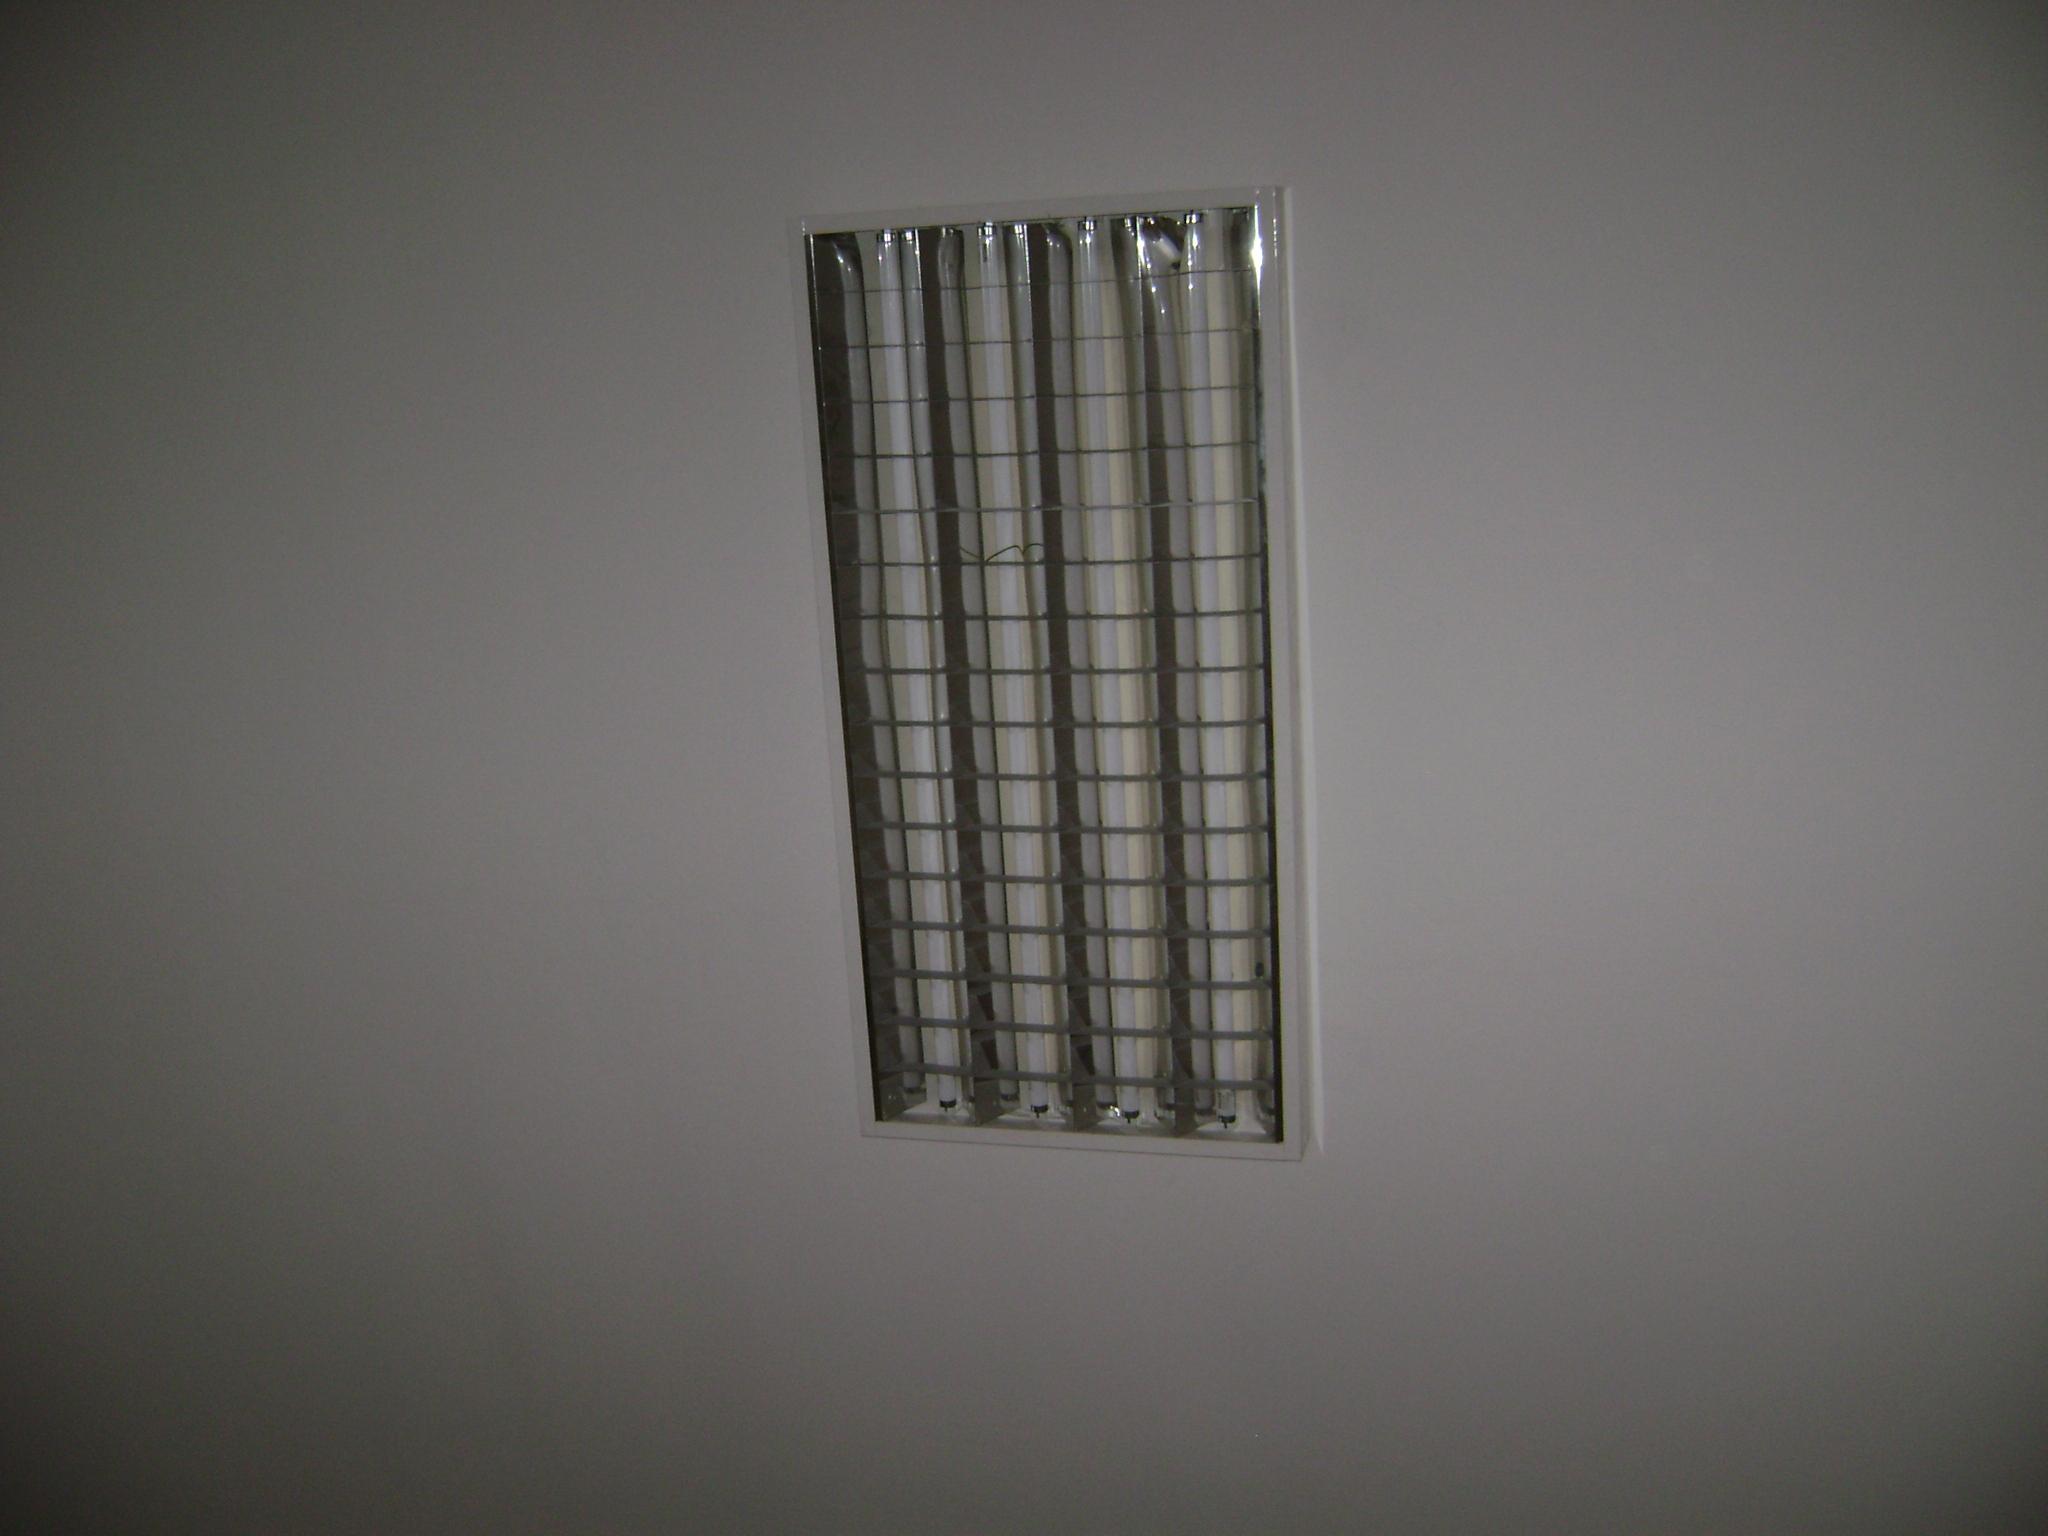 Plafoniere Neon Prezzi : N. 20 plafoniere da incasso modulare con 4 tubi neon dimensioni cm